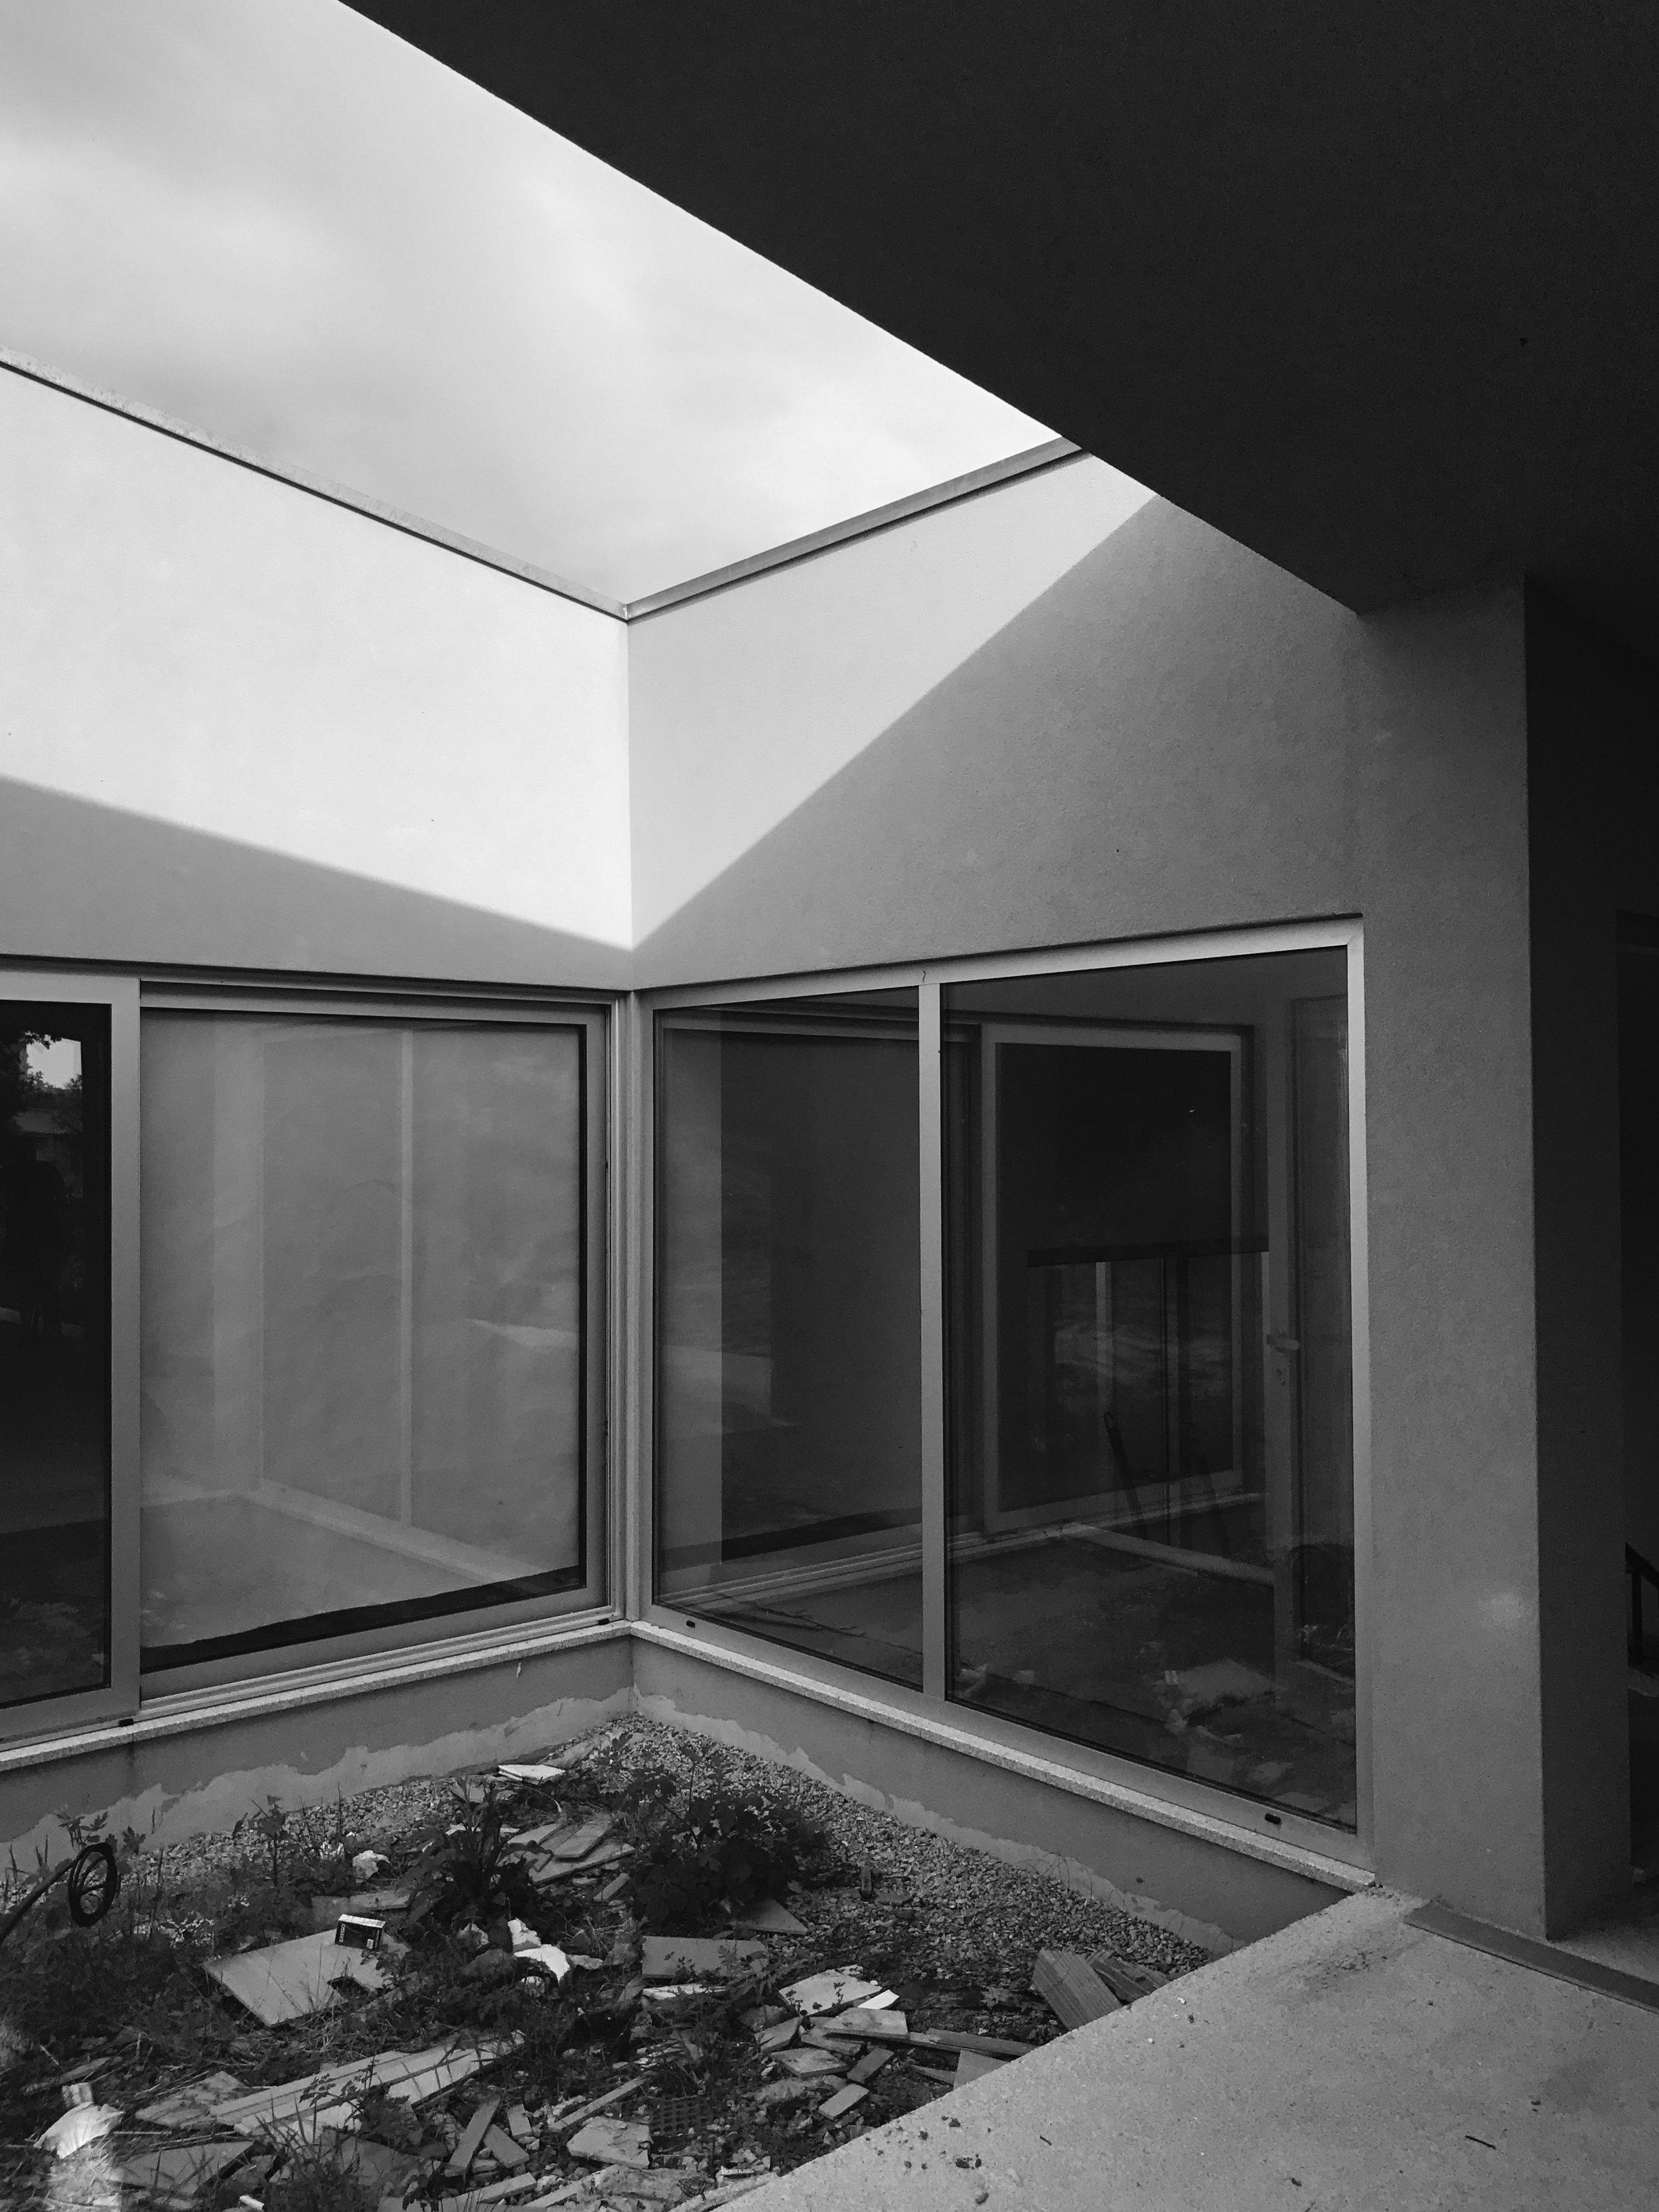 Moradia S+N - arquitectura - arquitectos - porto - oliveira de azemeis - construção - projecto - eva evolutionary architecture (39).jpg